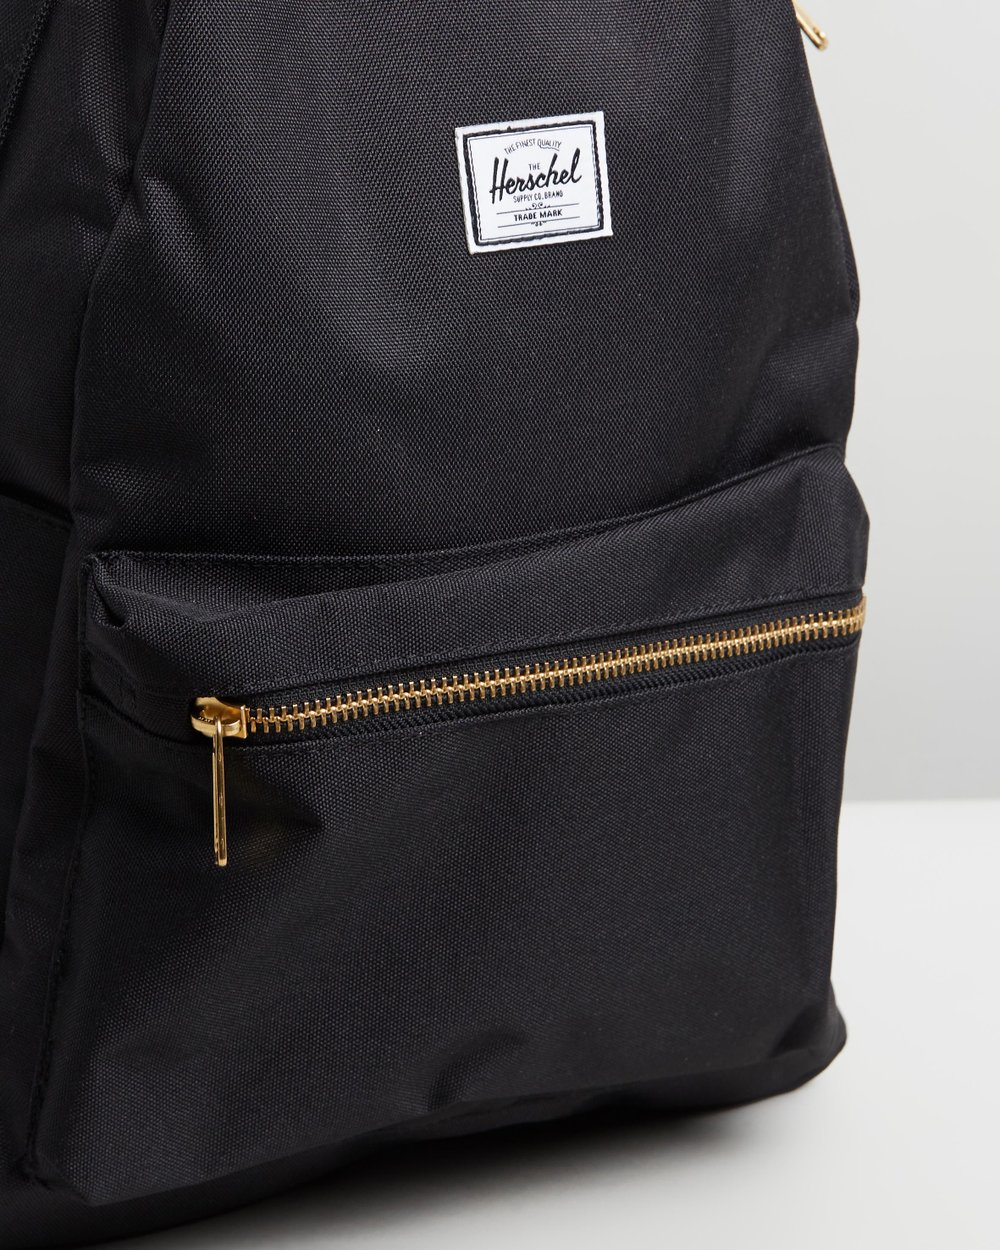 d25ec3f448 Nova Mid-Volume Backpack by Herschel Online